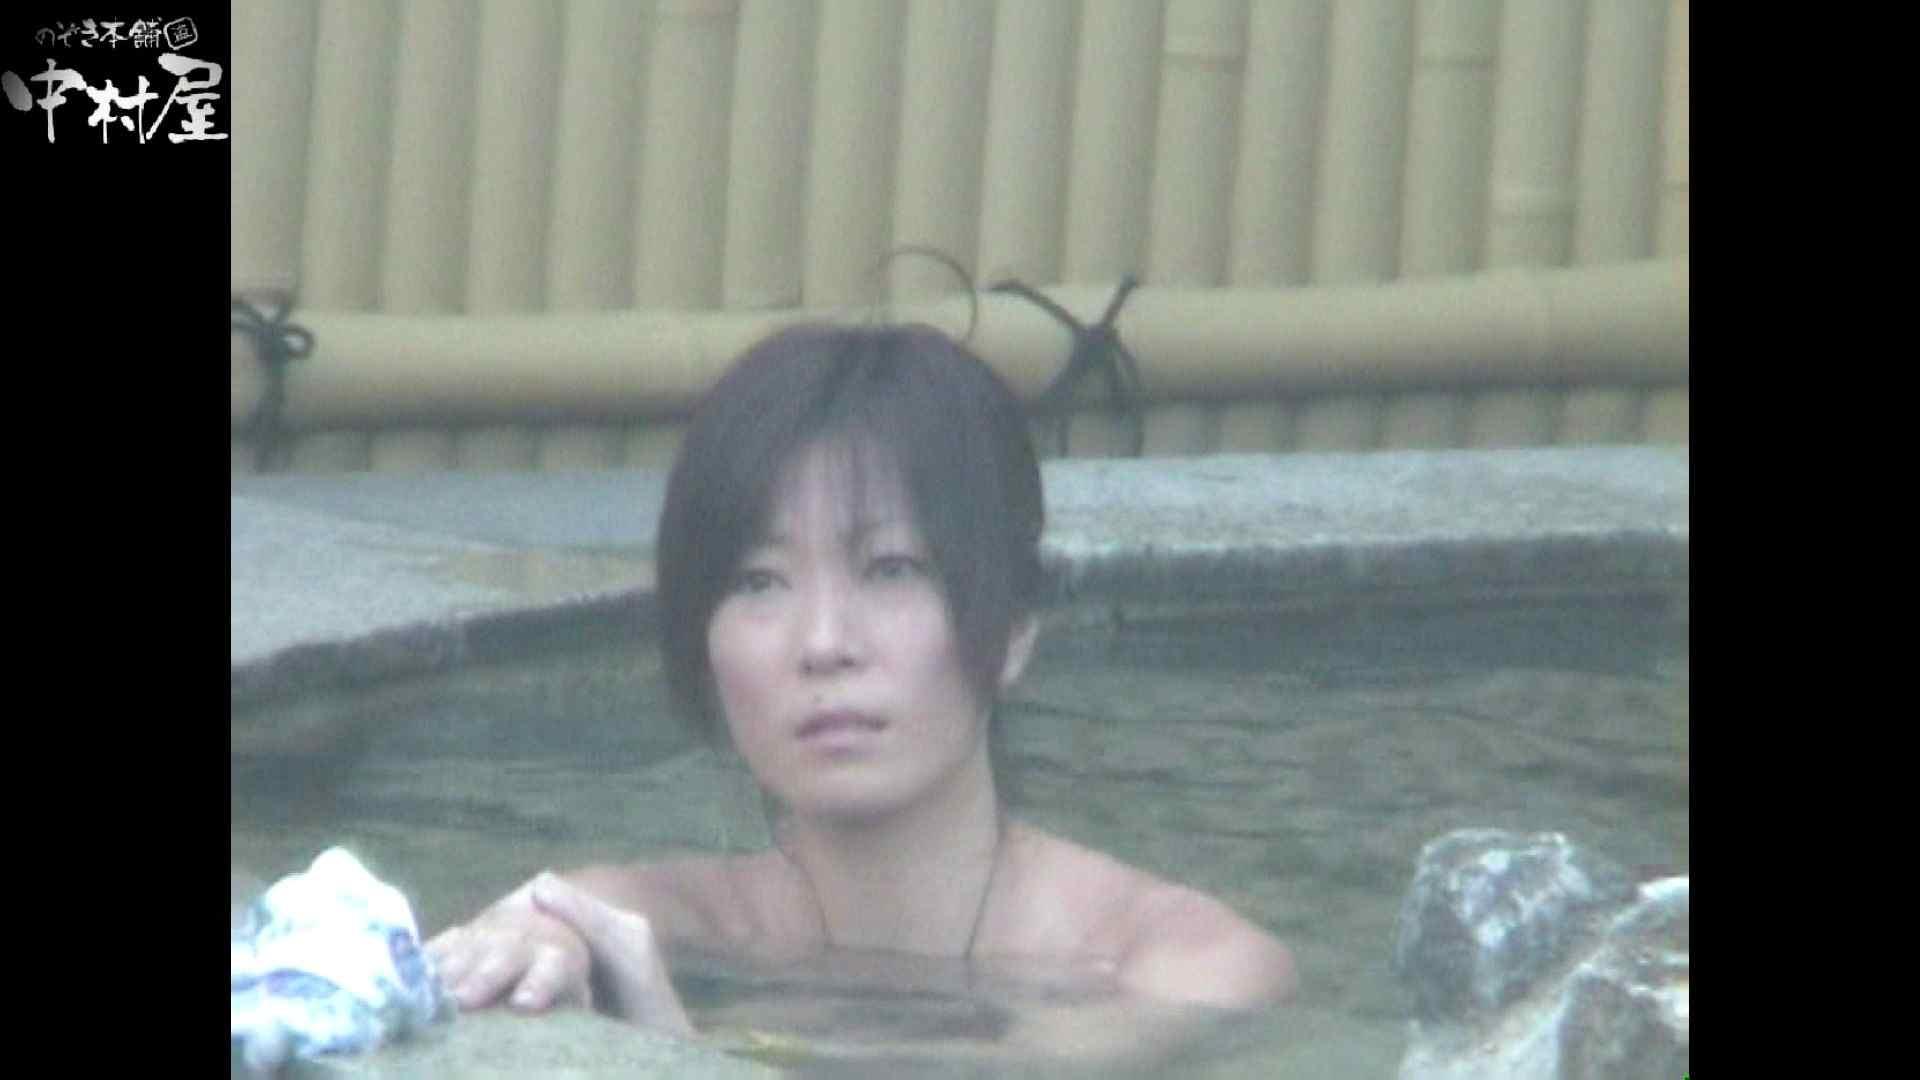 Aquaな露天風呂Vol.972 OLのエロ生活  105連発 84